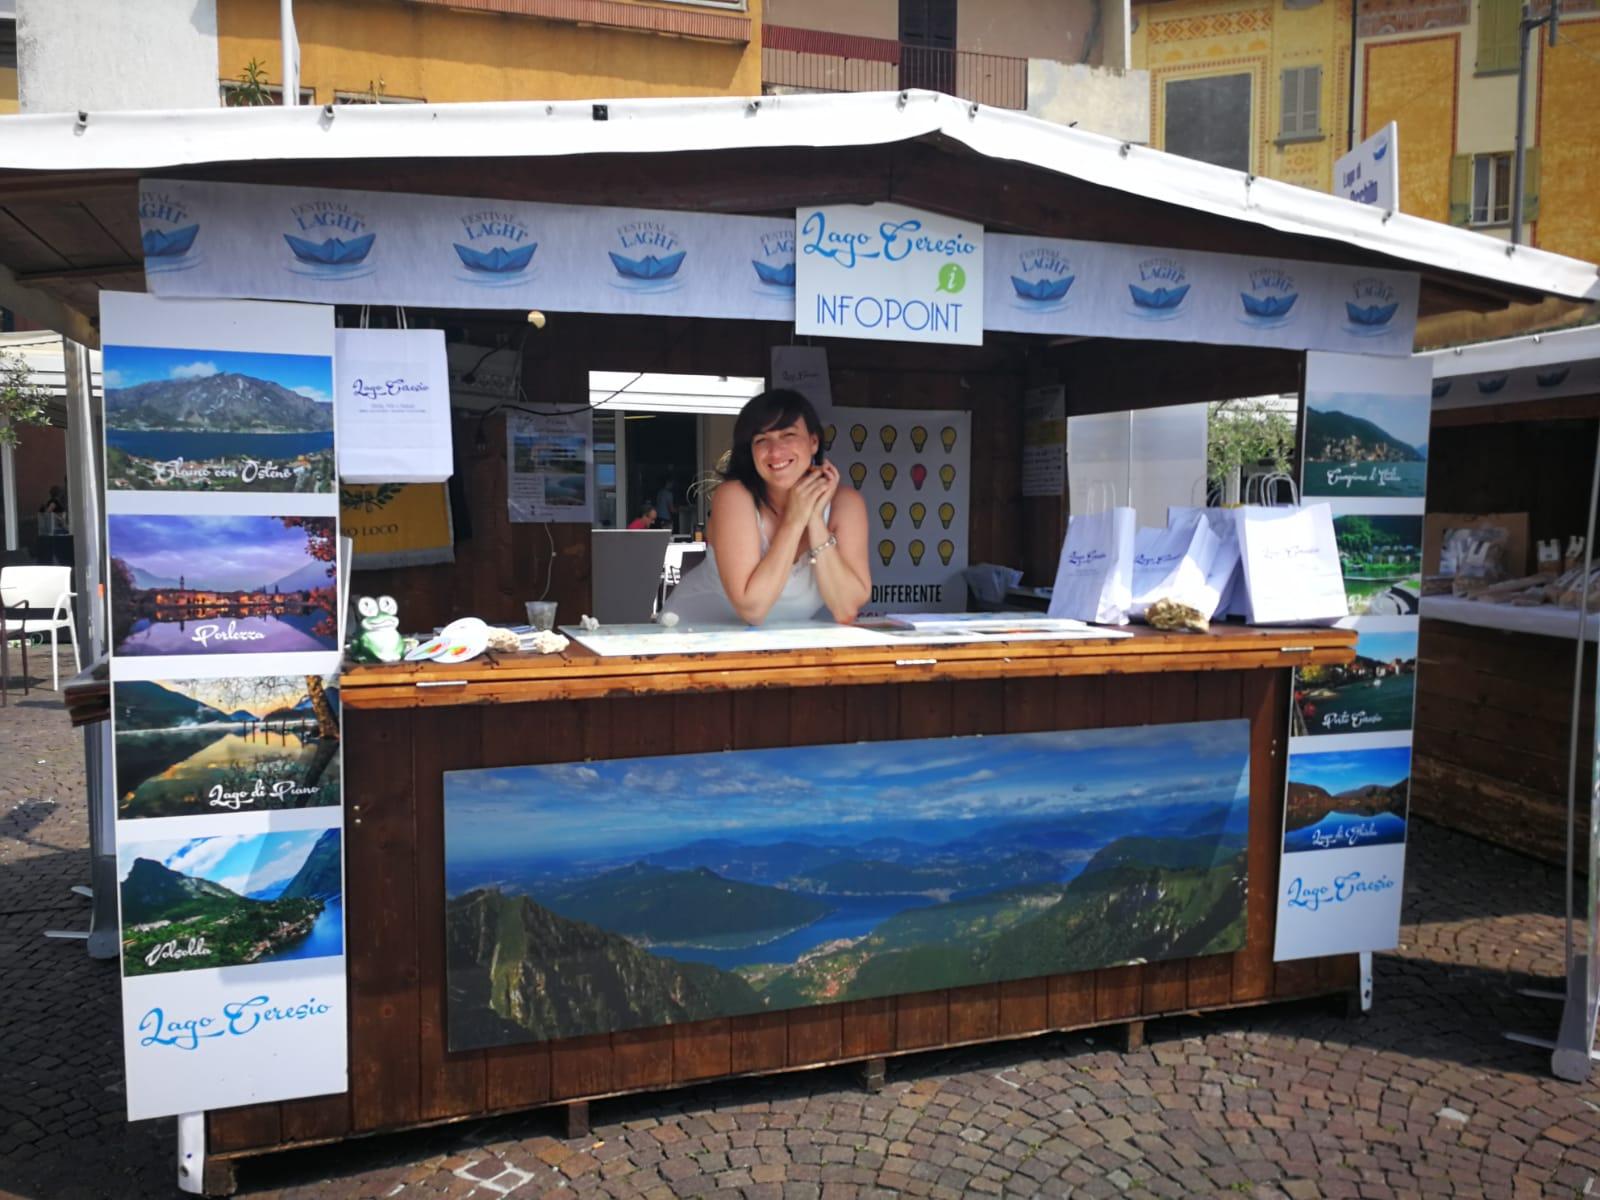 Presenti! Le Grotte di Rescia al Festival dei Laghi